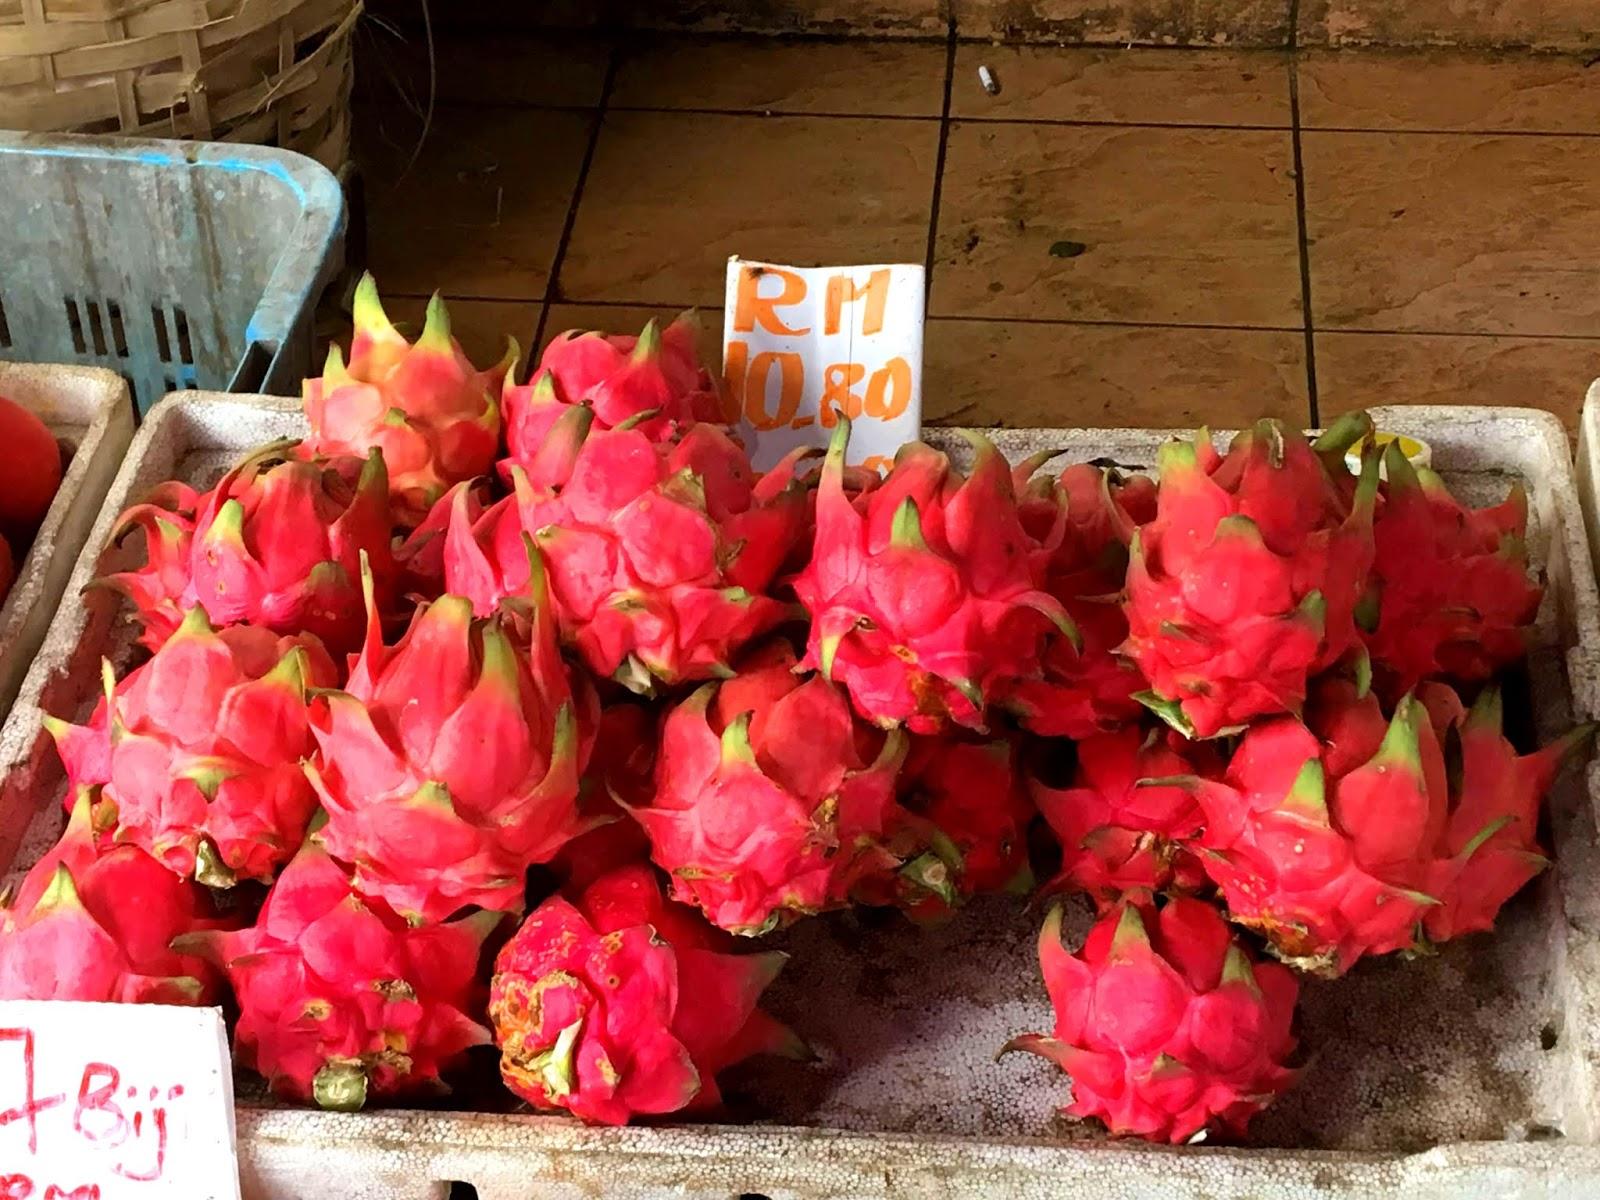 Draschenfrucht auf dem Markt in Kuching